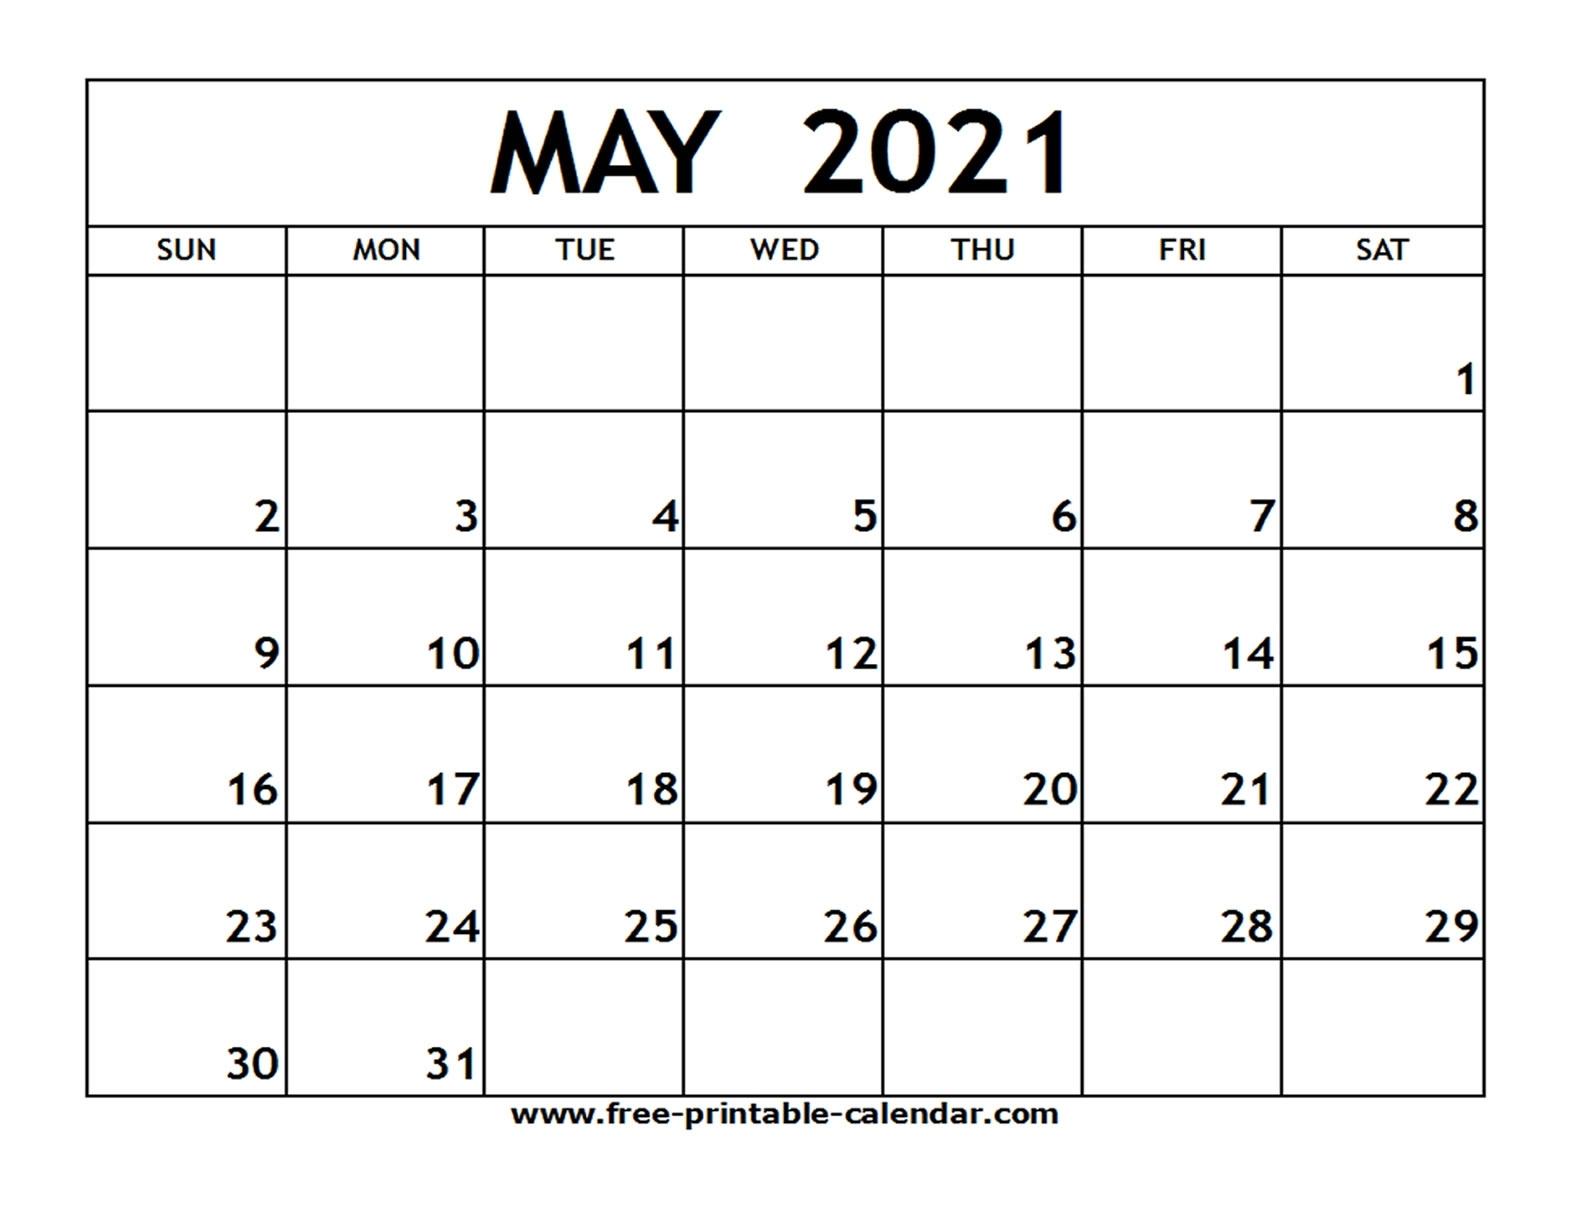 Printable May Schedule 2021 | Free Printable Calendar